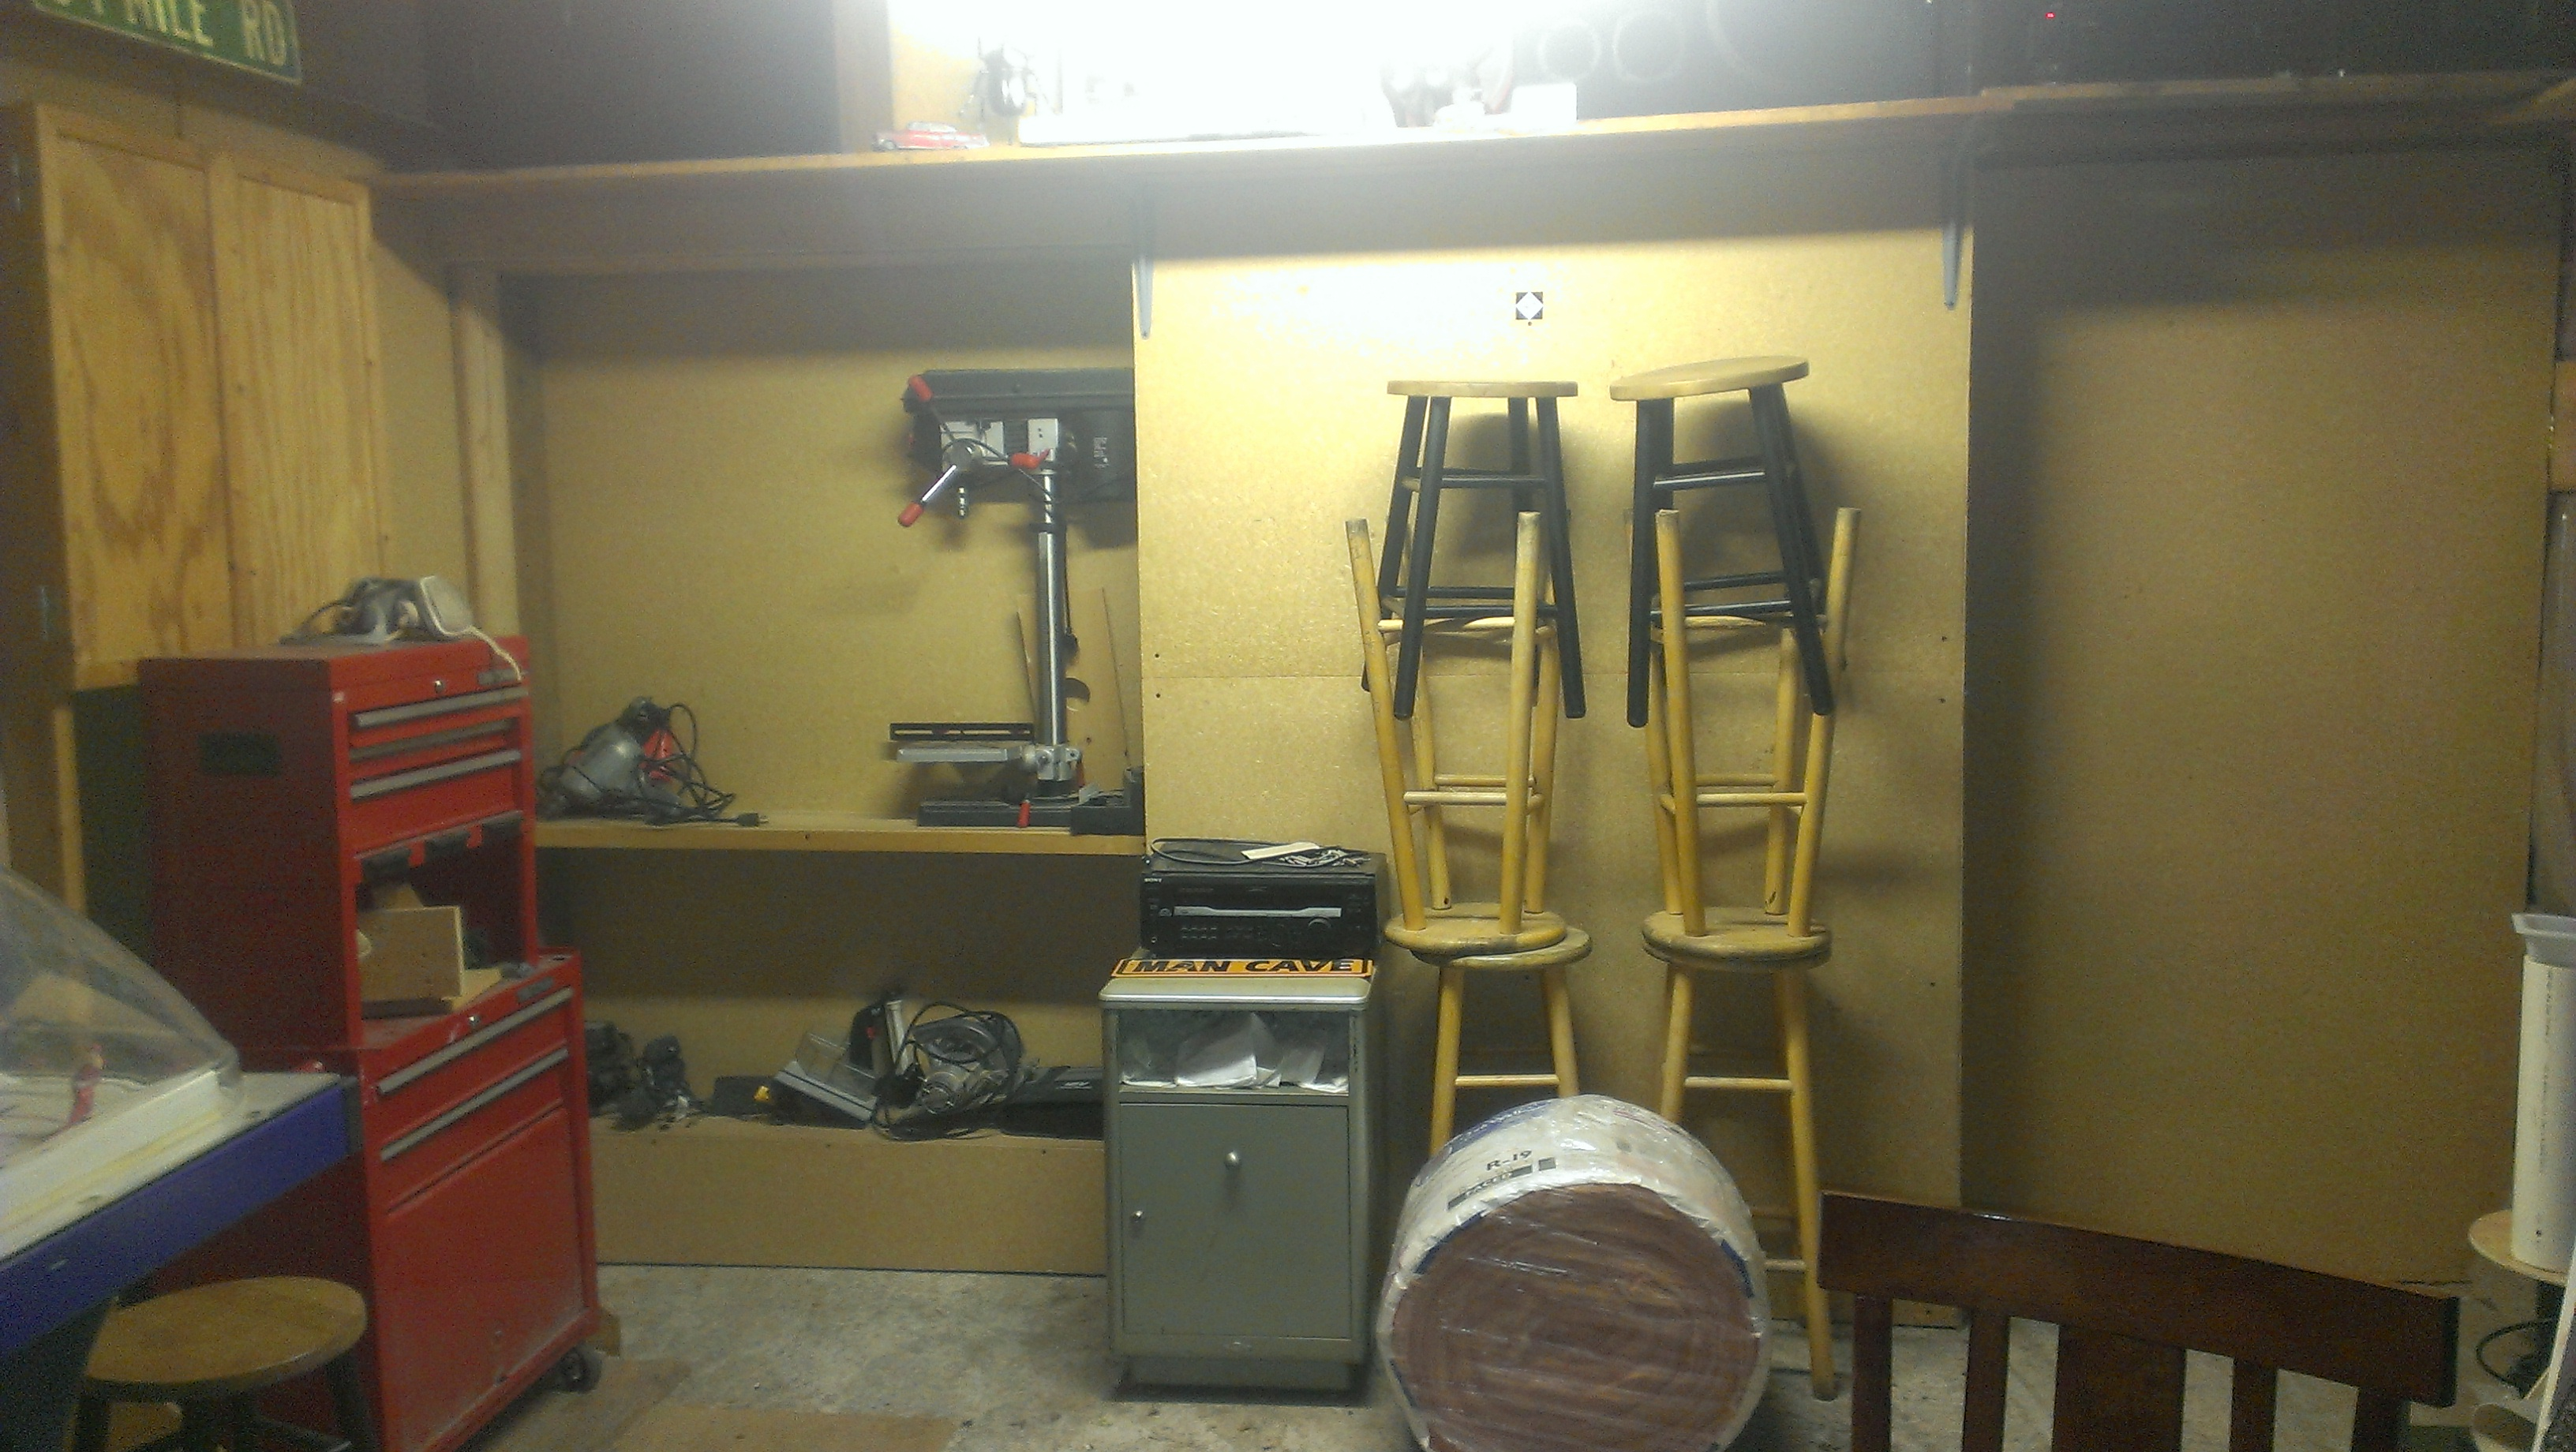 Workshop secret door/shelving